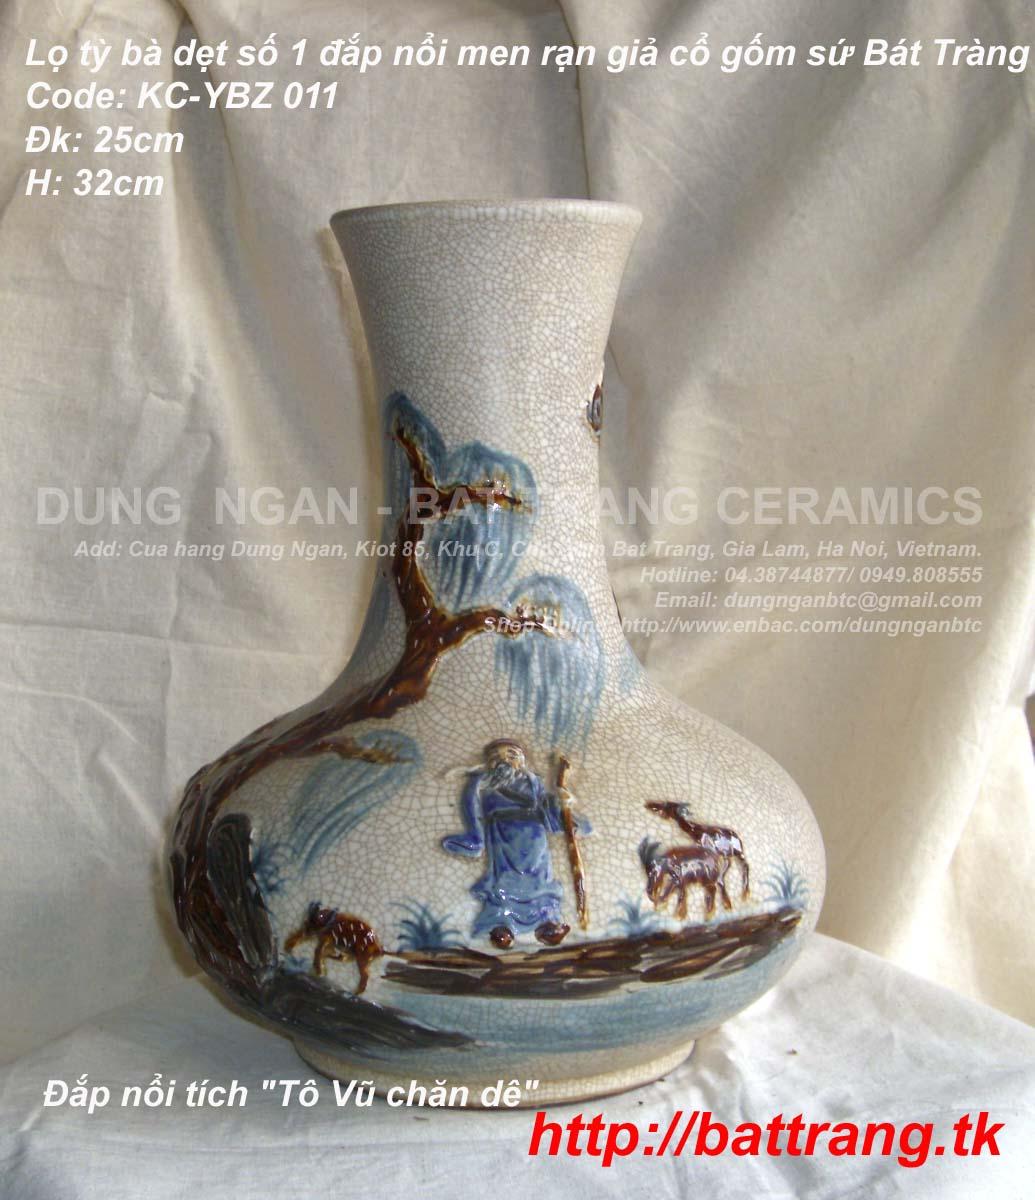 rạn giả cổ gốm sứ Bát Tràng thế kỷ XVII phục chế